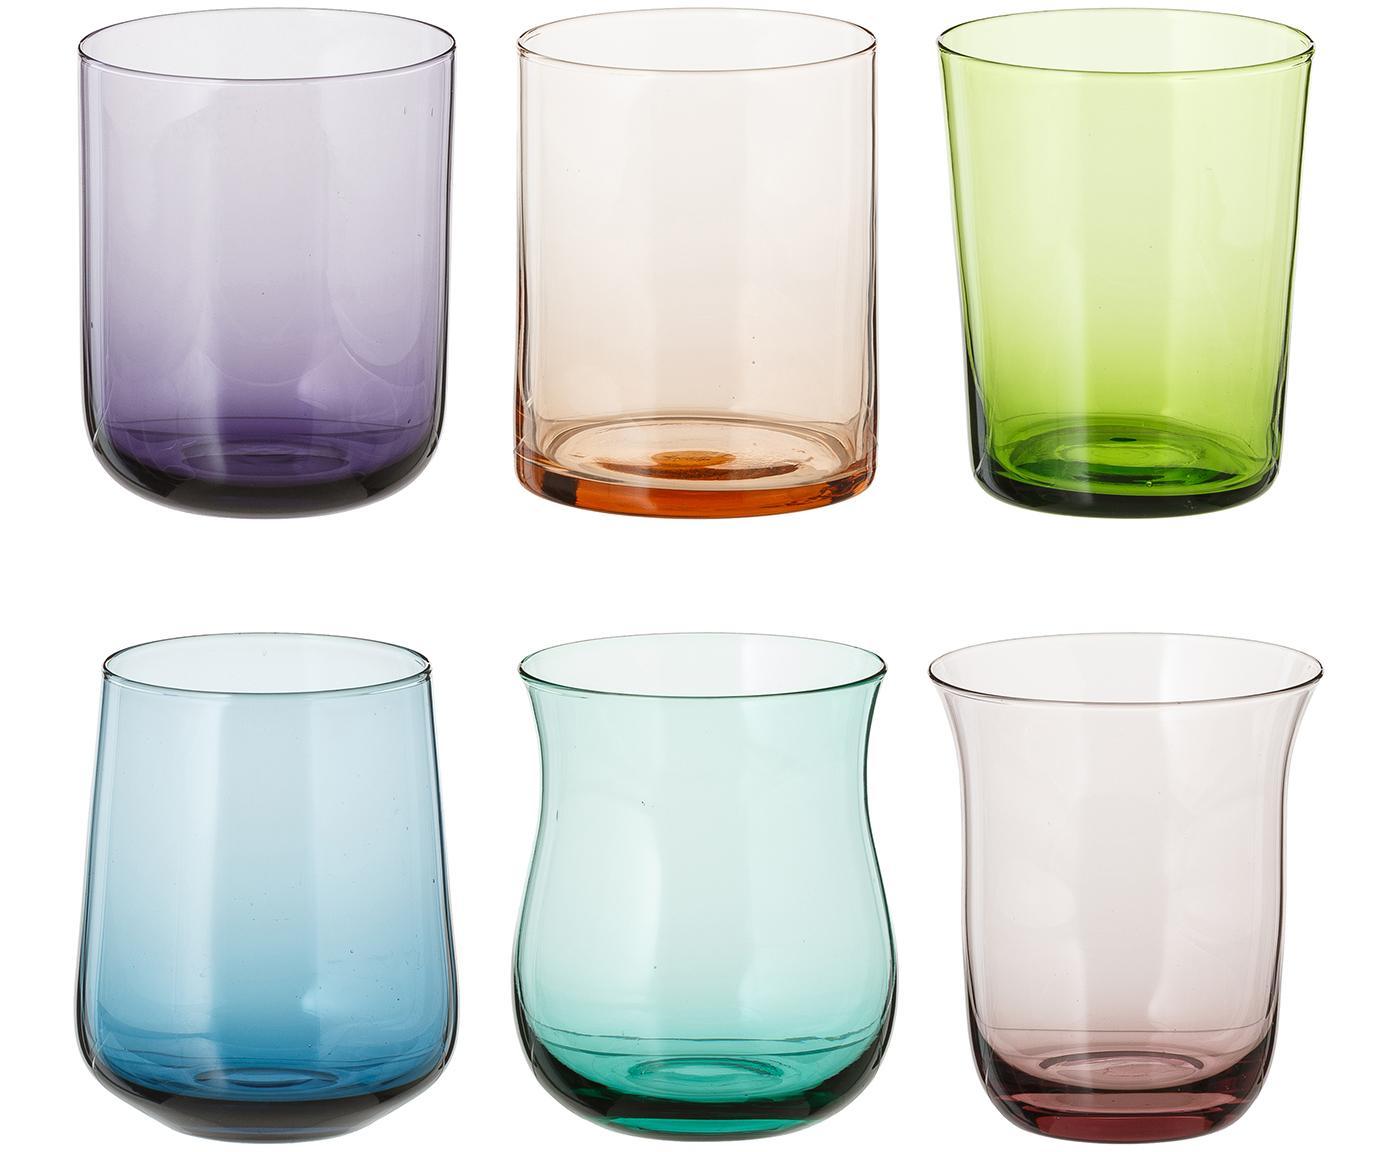 Vasos de vidrio soplado Desigual, 6uds., Vidrio soplado, Multicolor, Al 10 cm